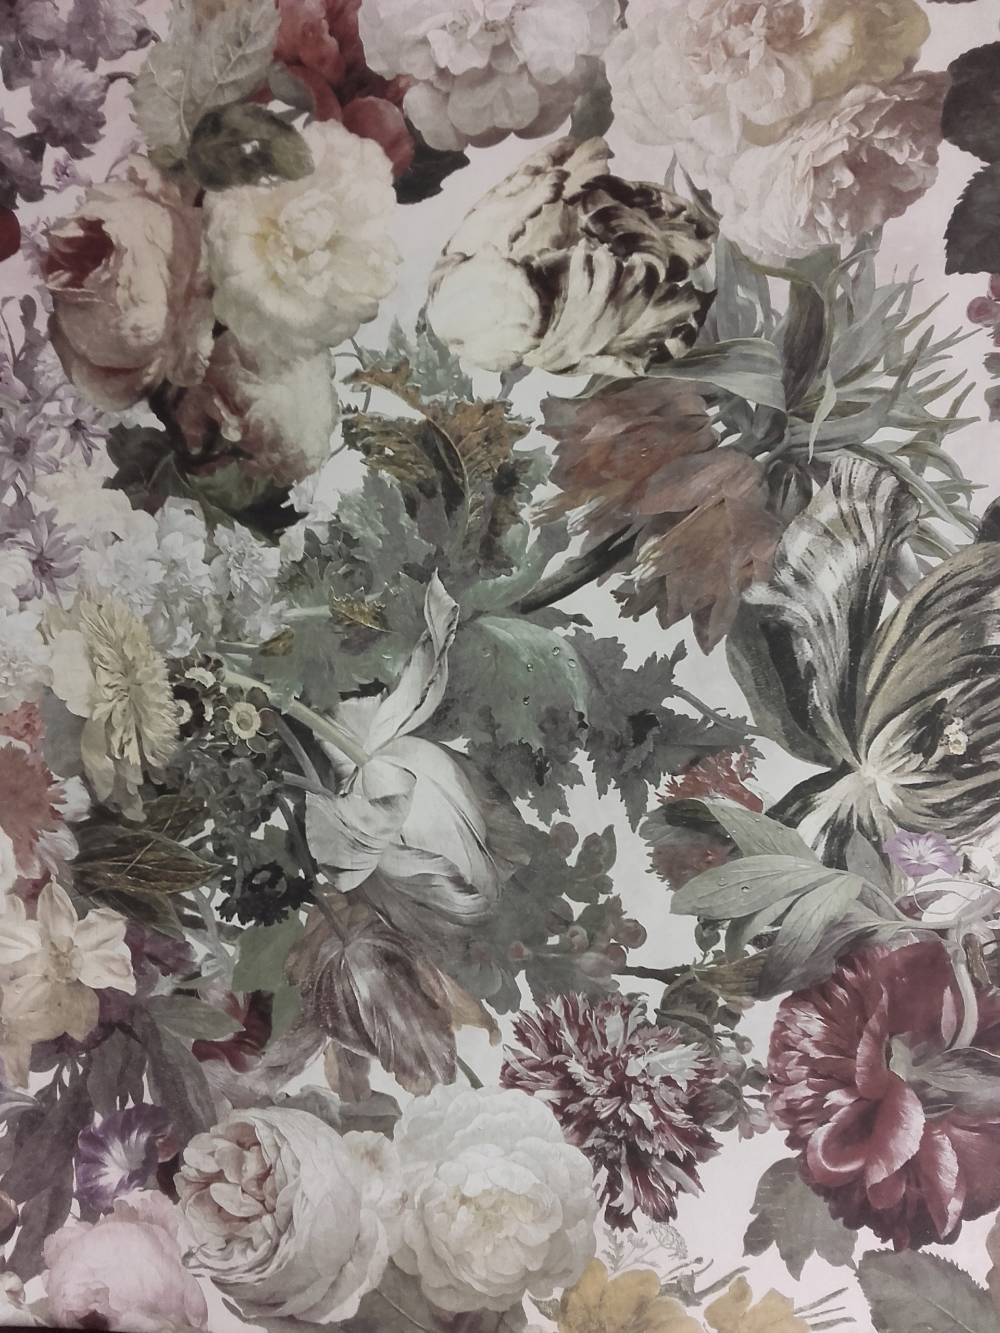 Tapeta Tapety Pokojowe Prawdziwe Naturalne Kwiaty 7718980767 Oficjalne Archiwum Allegro Painting Art